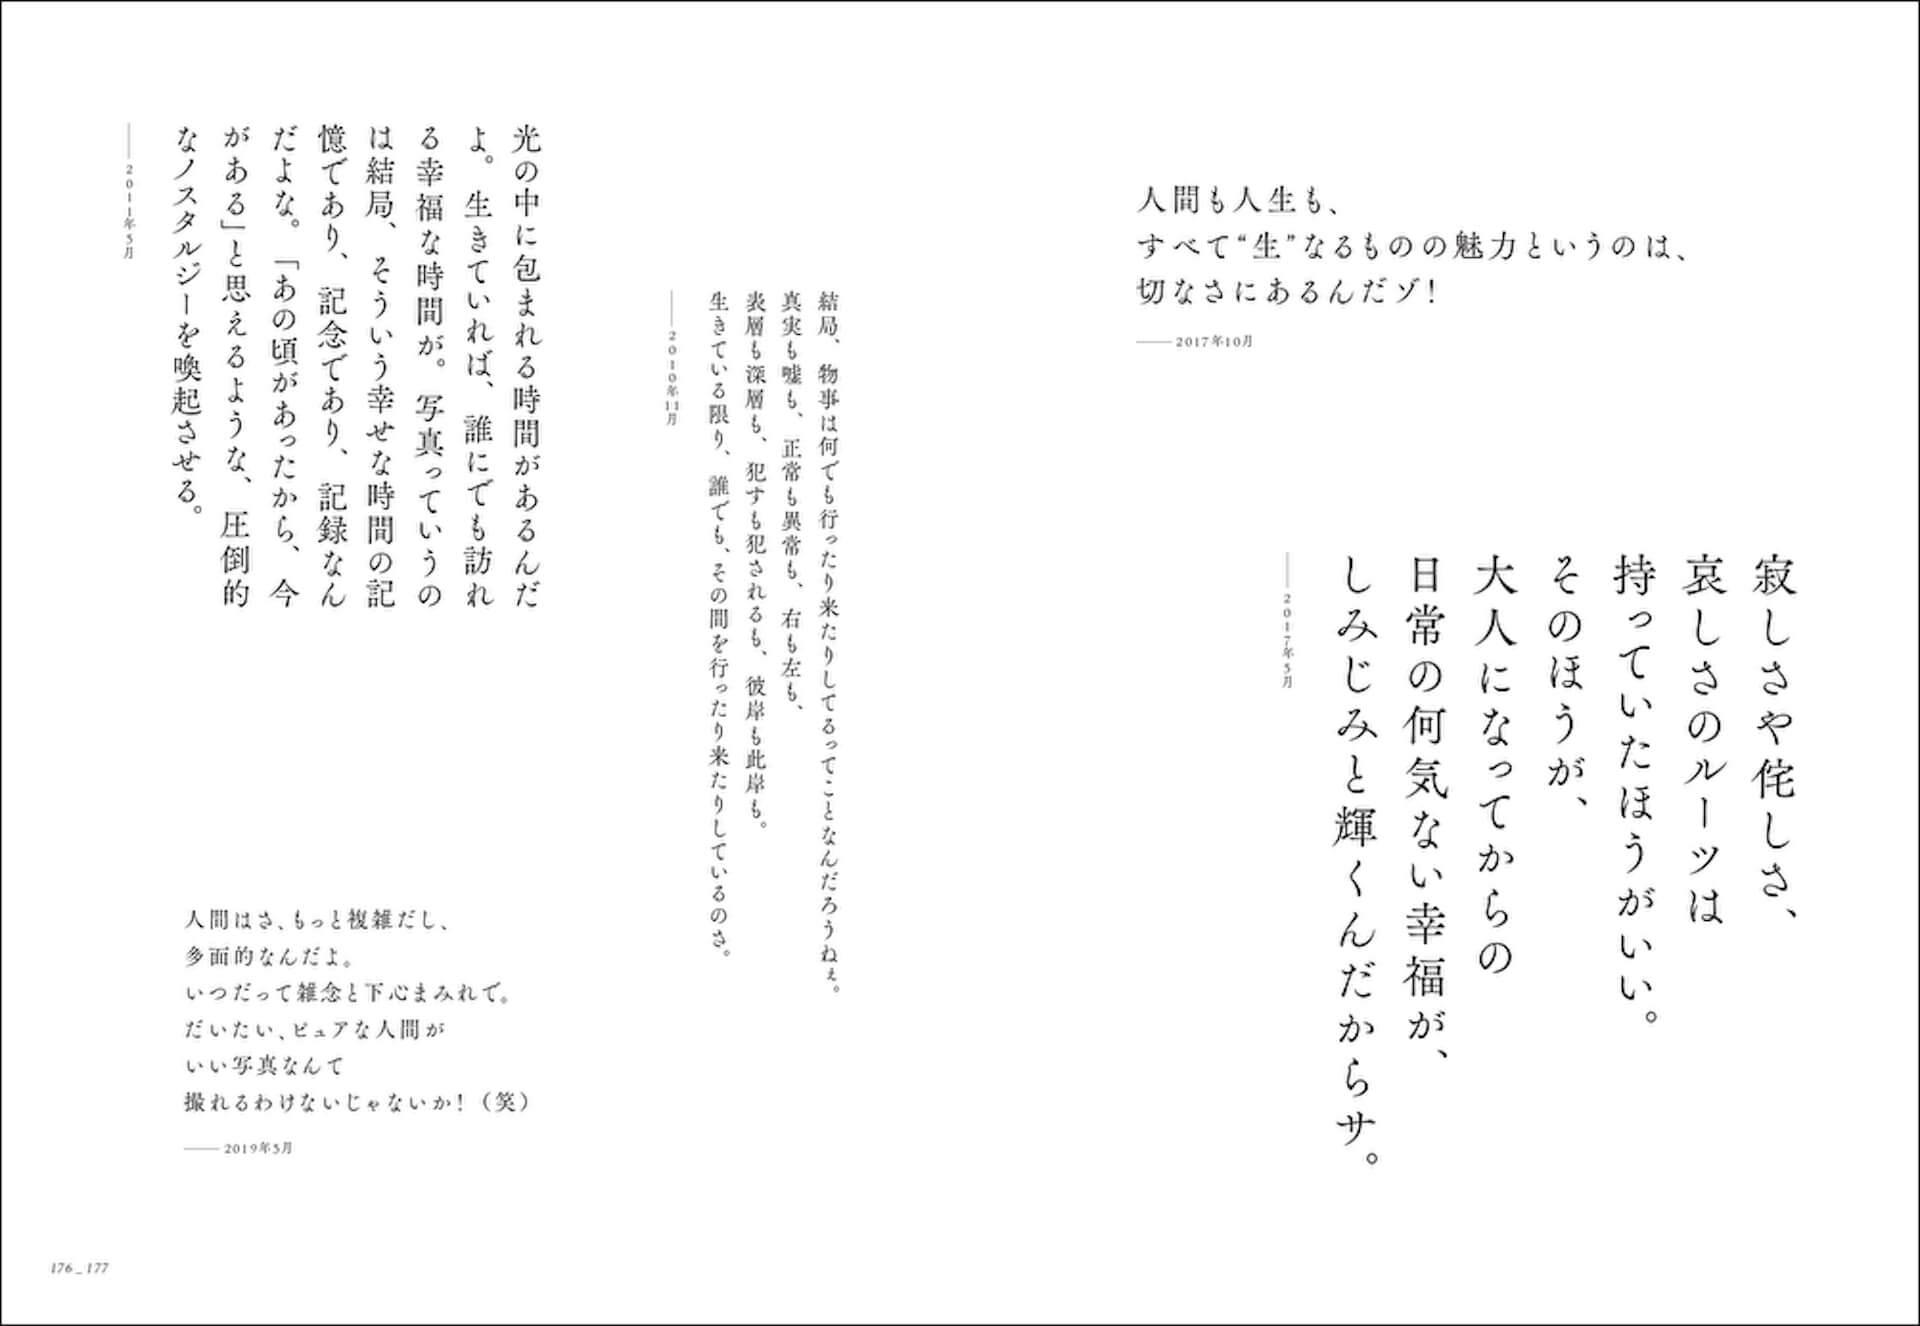 """""""アラーキー""""こと写真家・荒木経惟の20年間の名言と生涯の名作を集めた保存版「写真言集」が81歳の誕生日に発売! art210525_nobuyoshi-araki-210525_6"""